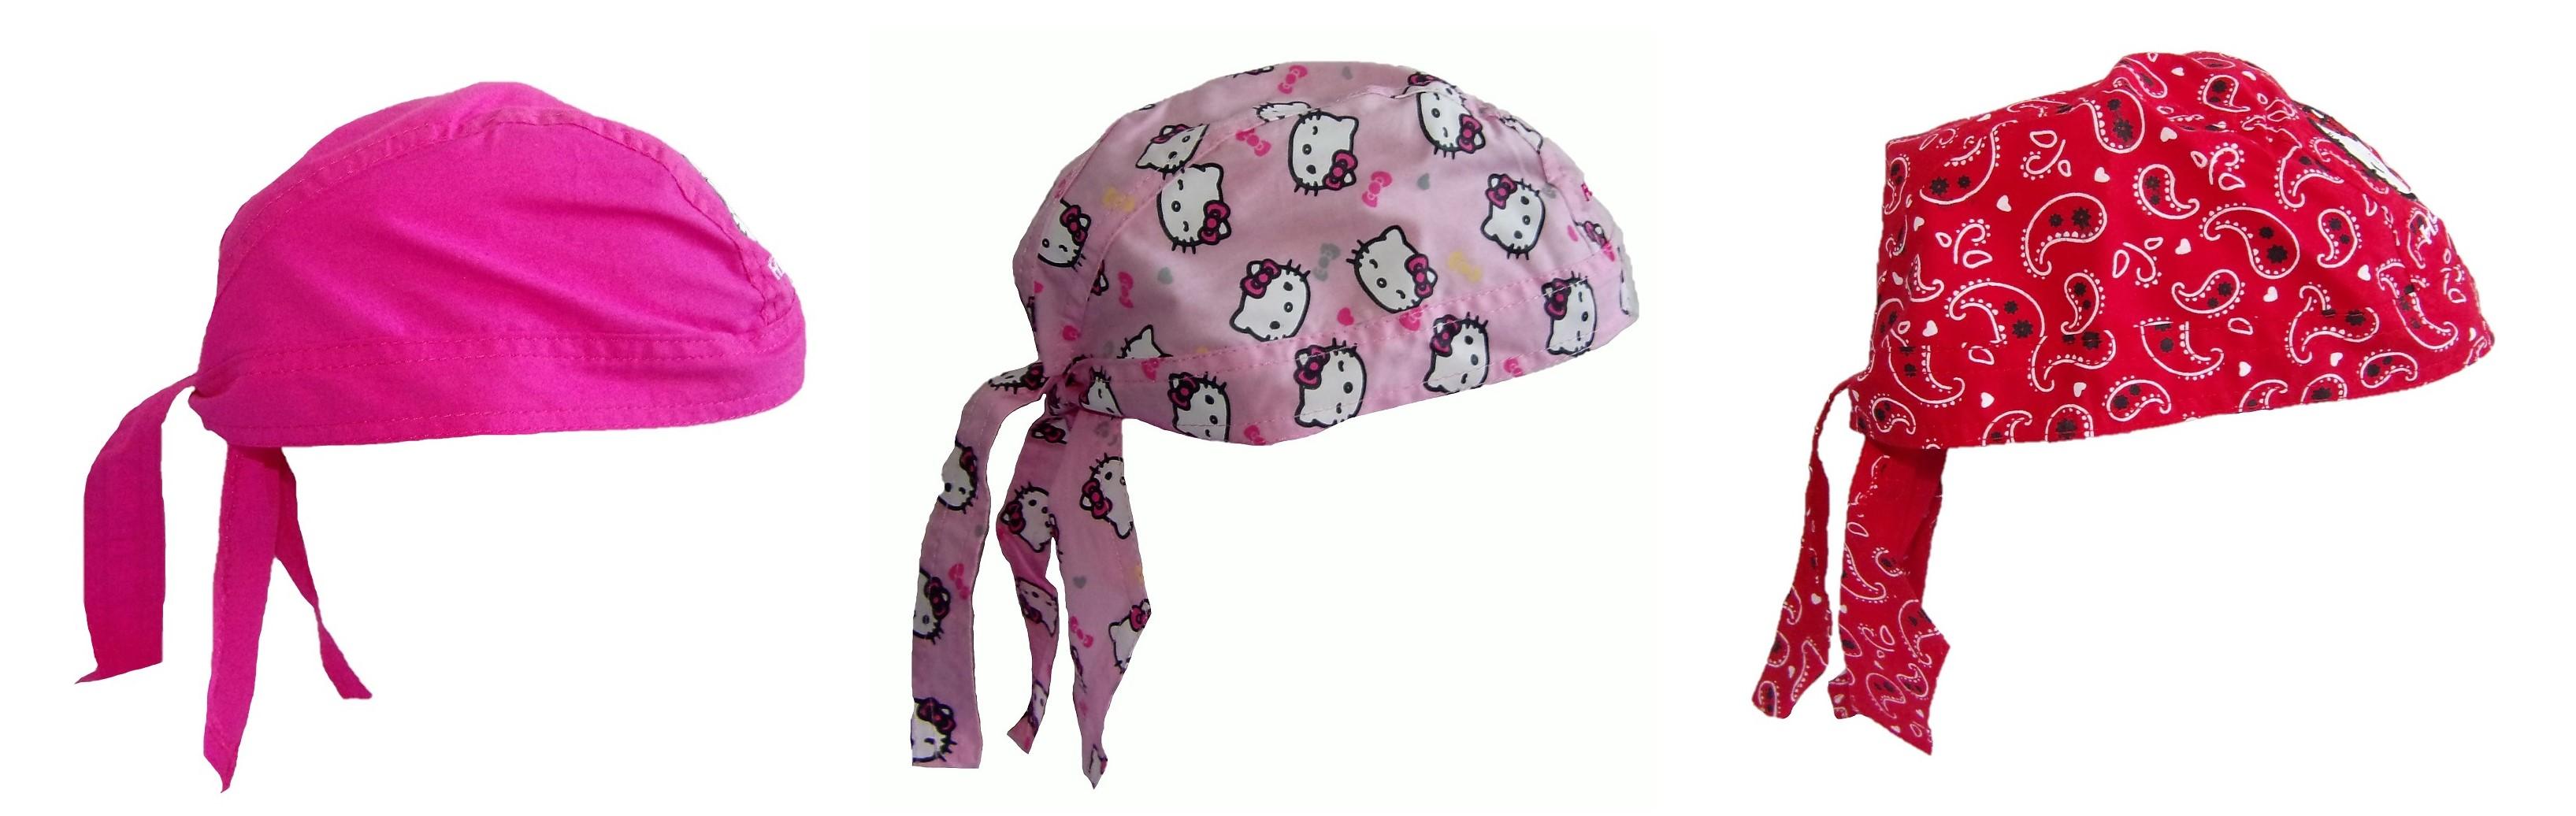 Hello Kitty Bandana-Tuch, Kopftuch versch. Farben für Mädchen (Auswahl)